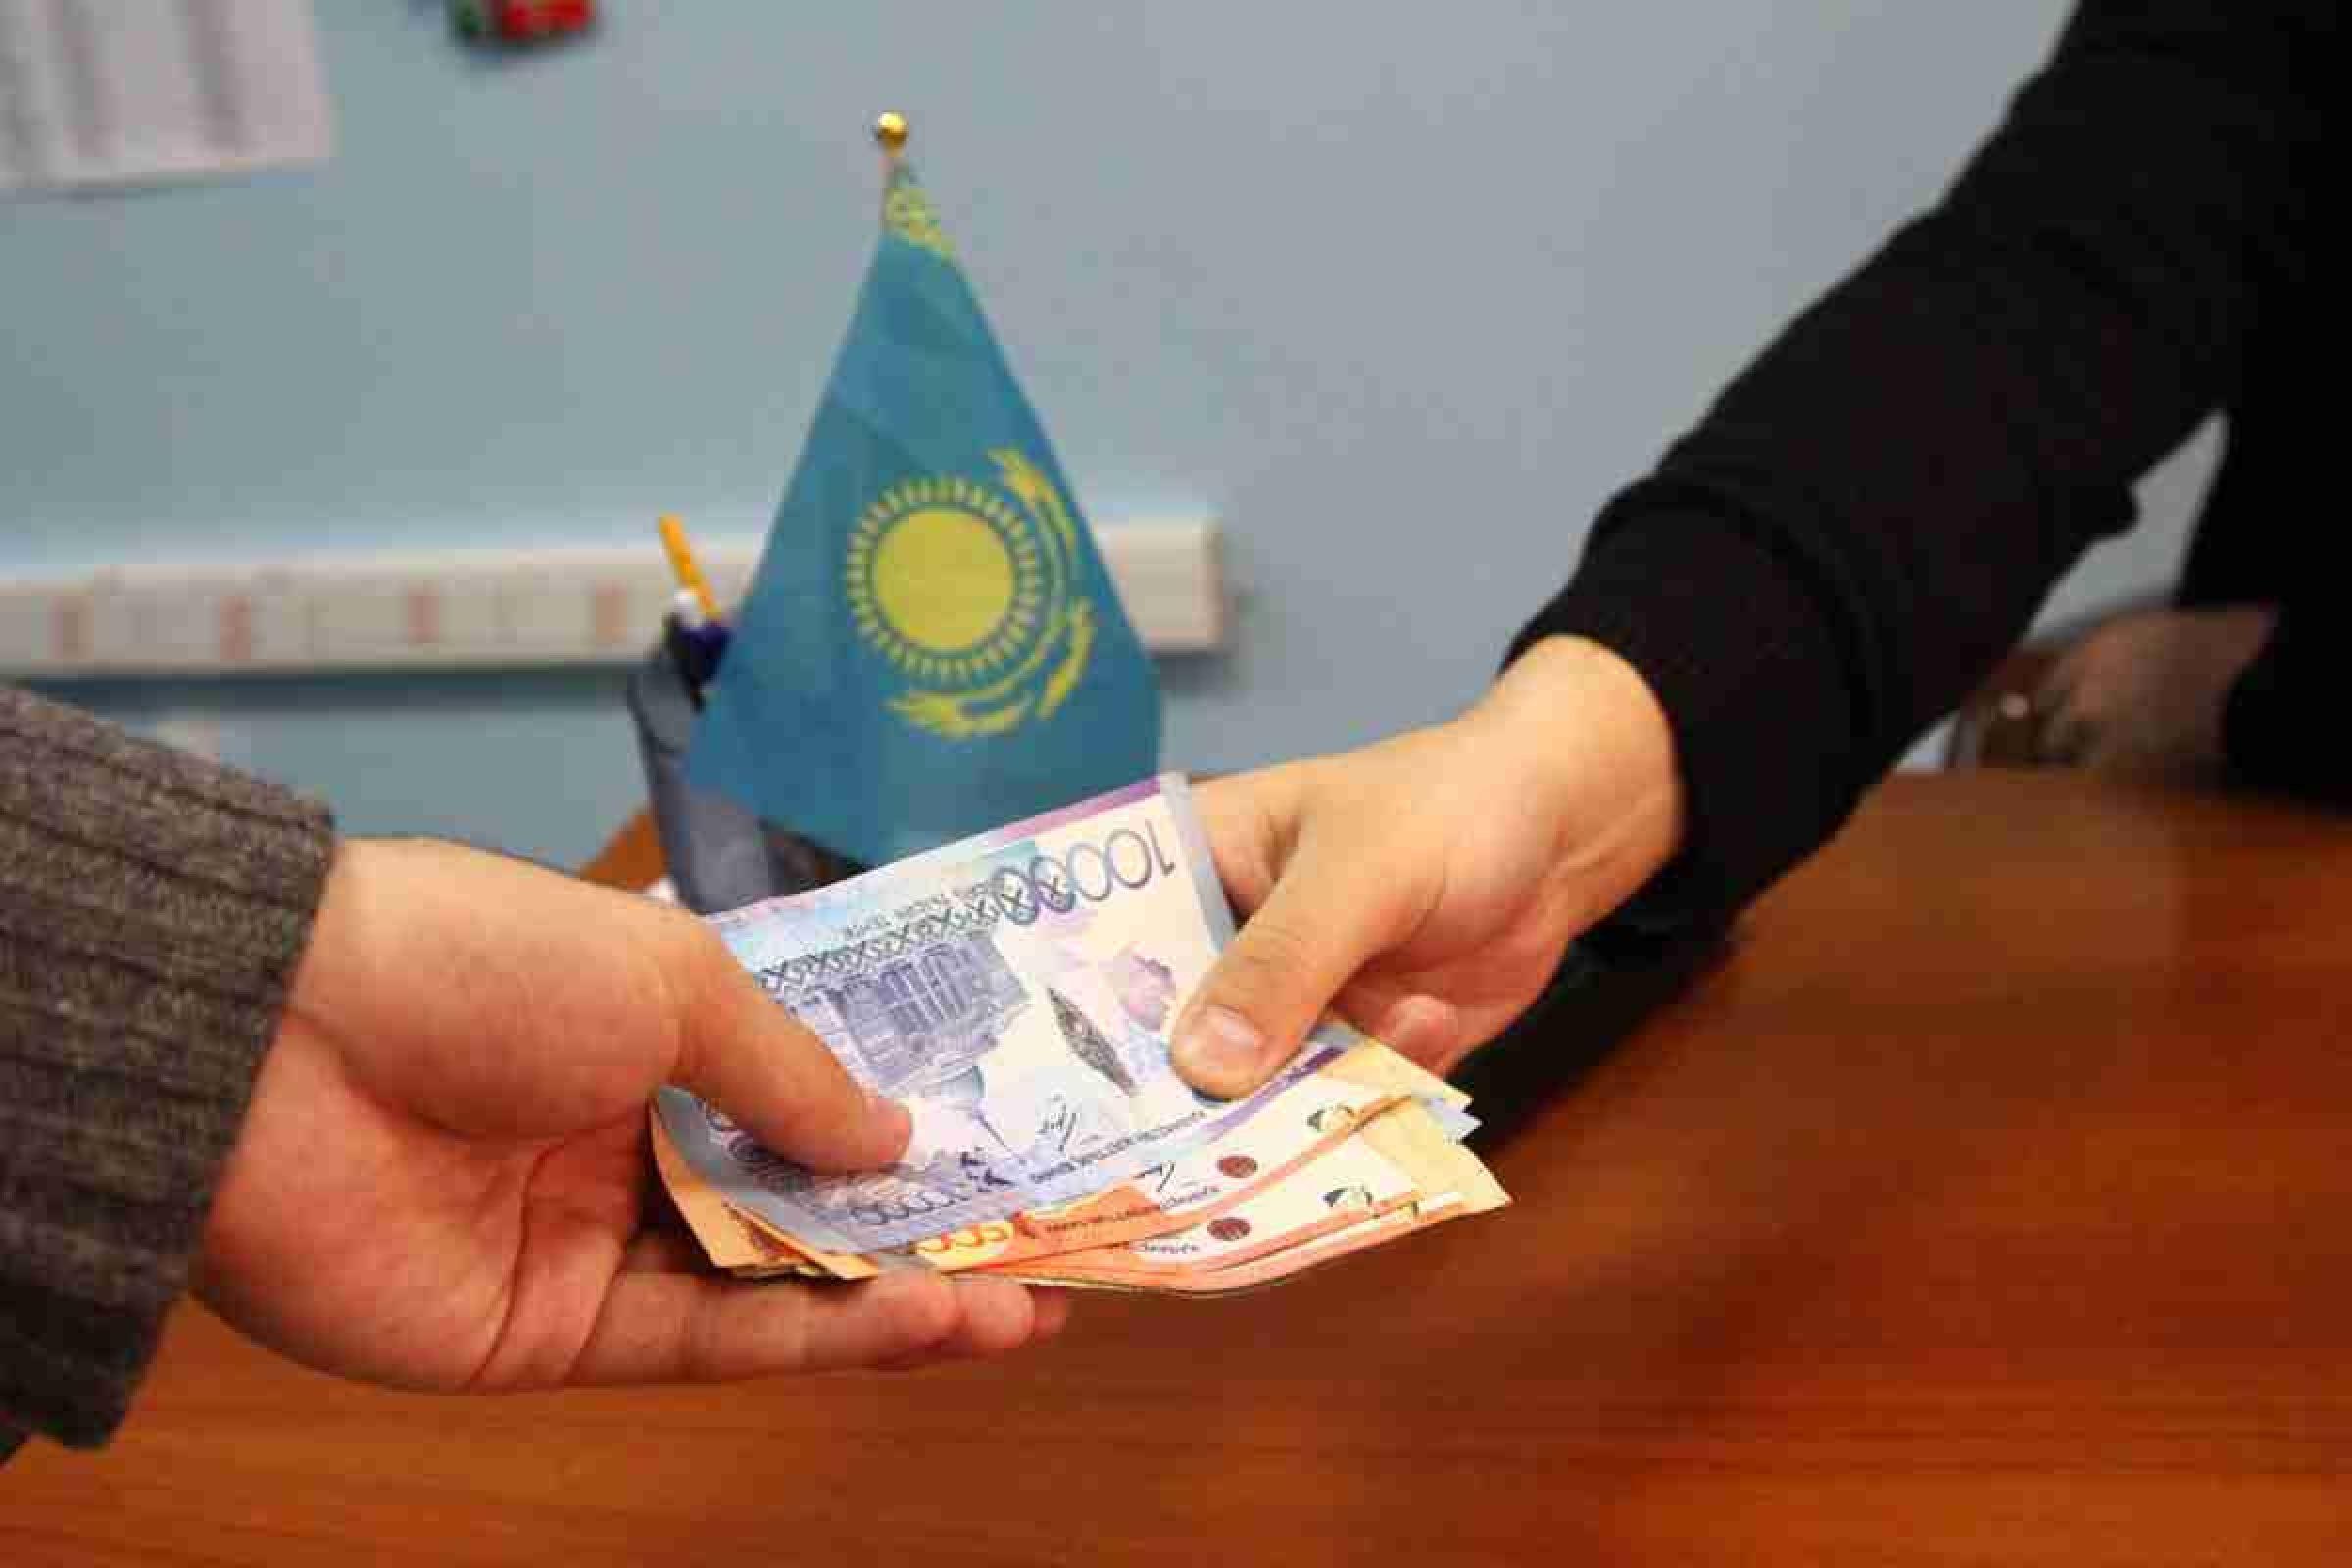 Полицейские Алматы присваивали деньги с выплаченных штрафов: подробности скандала